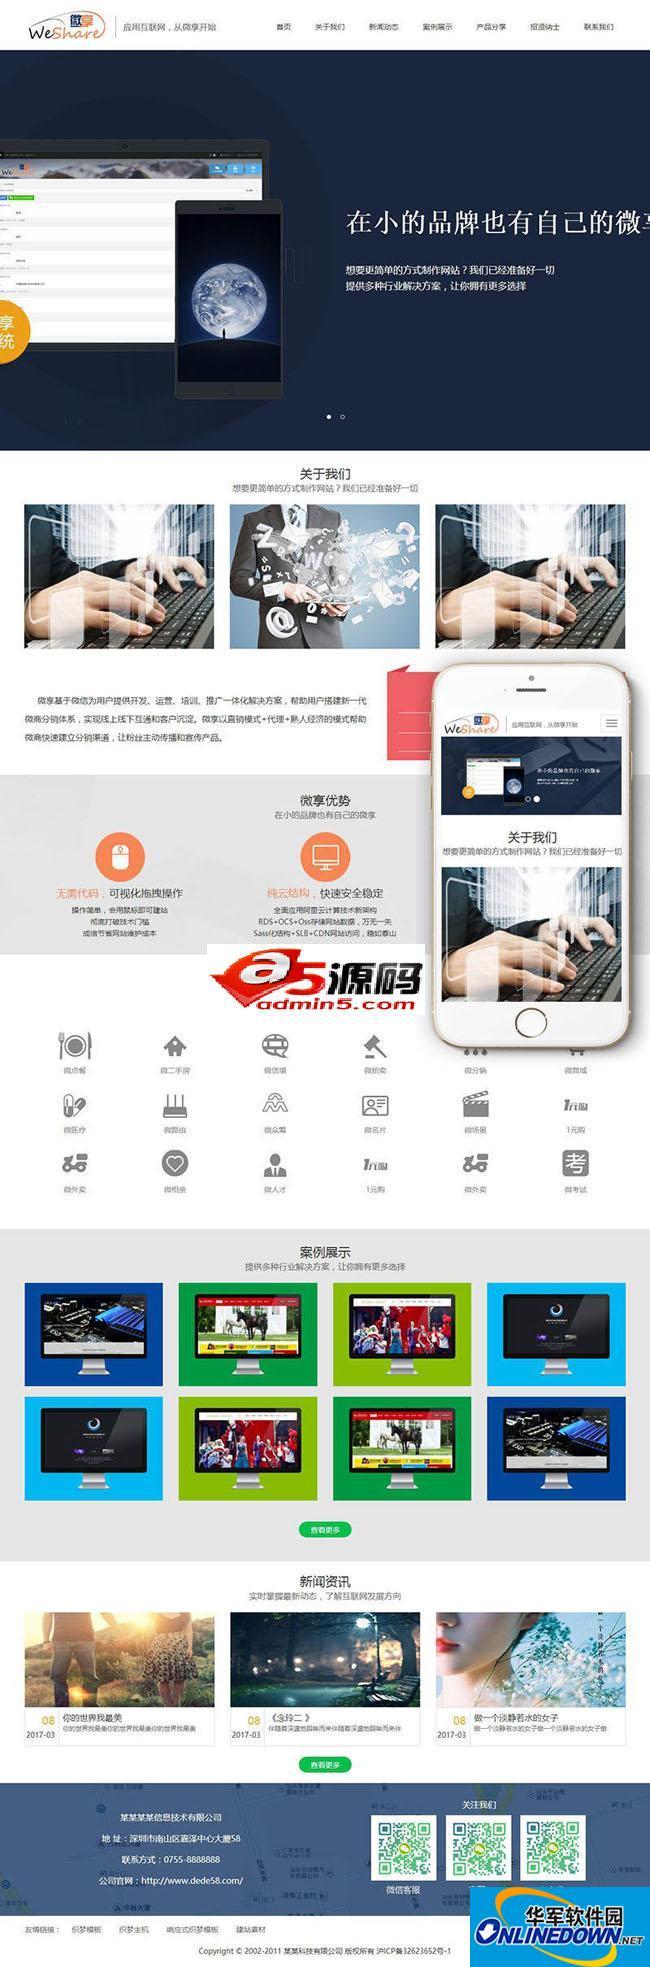 微信相关网络公司企业网站织梦开发源码自适应手机端 PC版